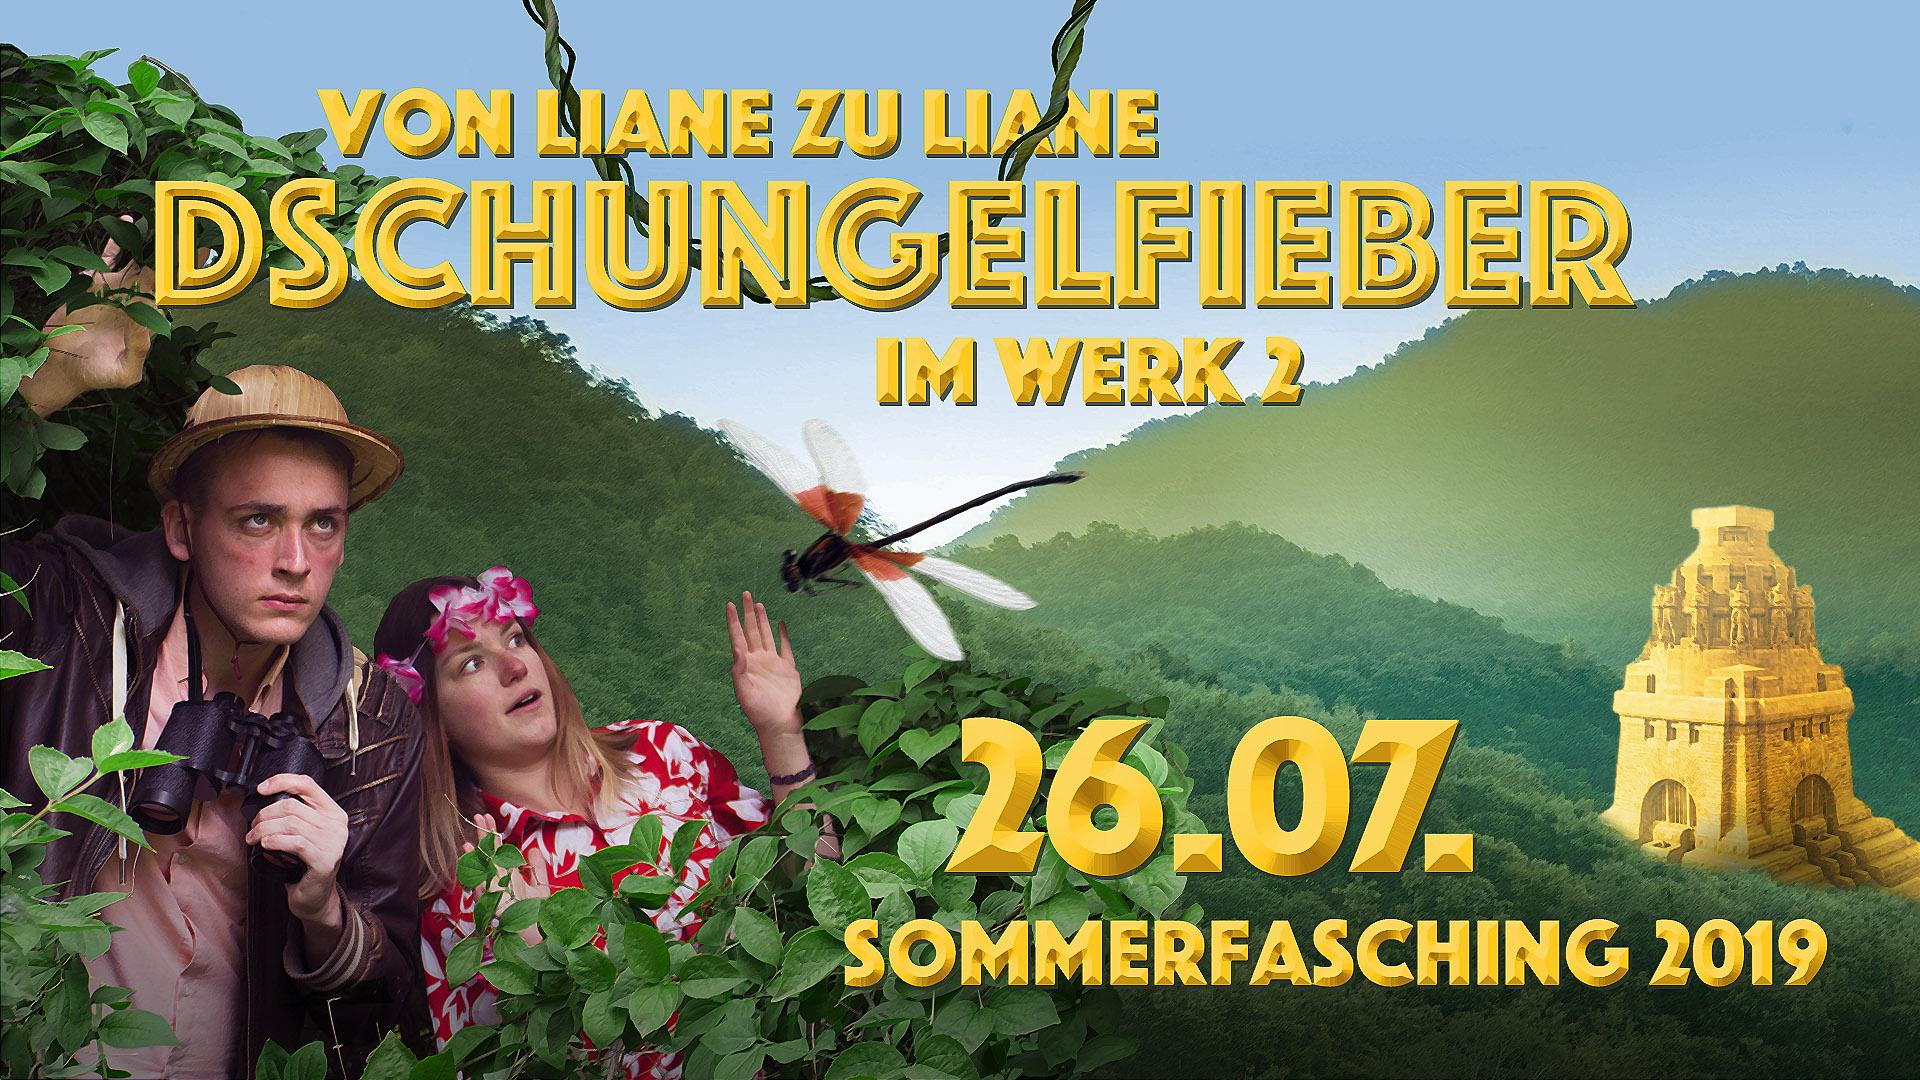 (c) Sommerfasching.de